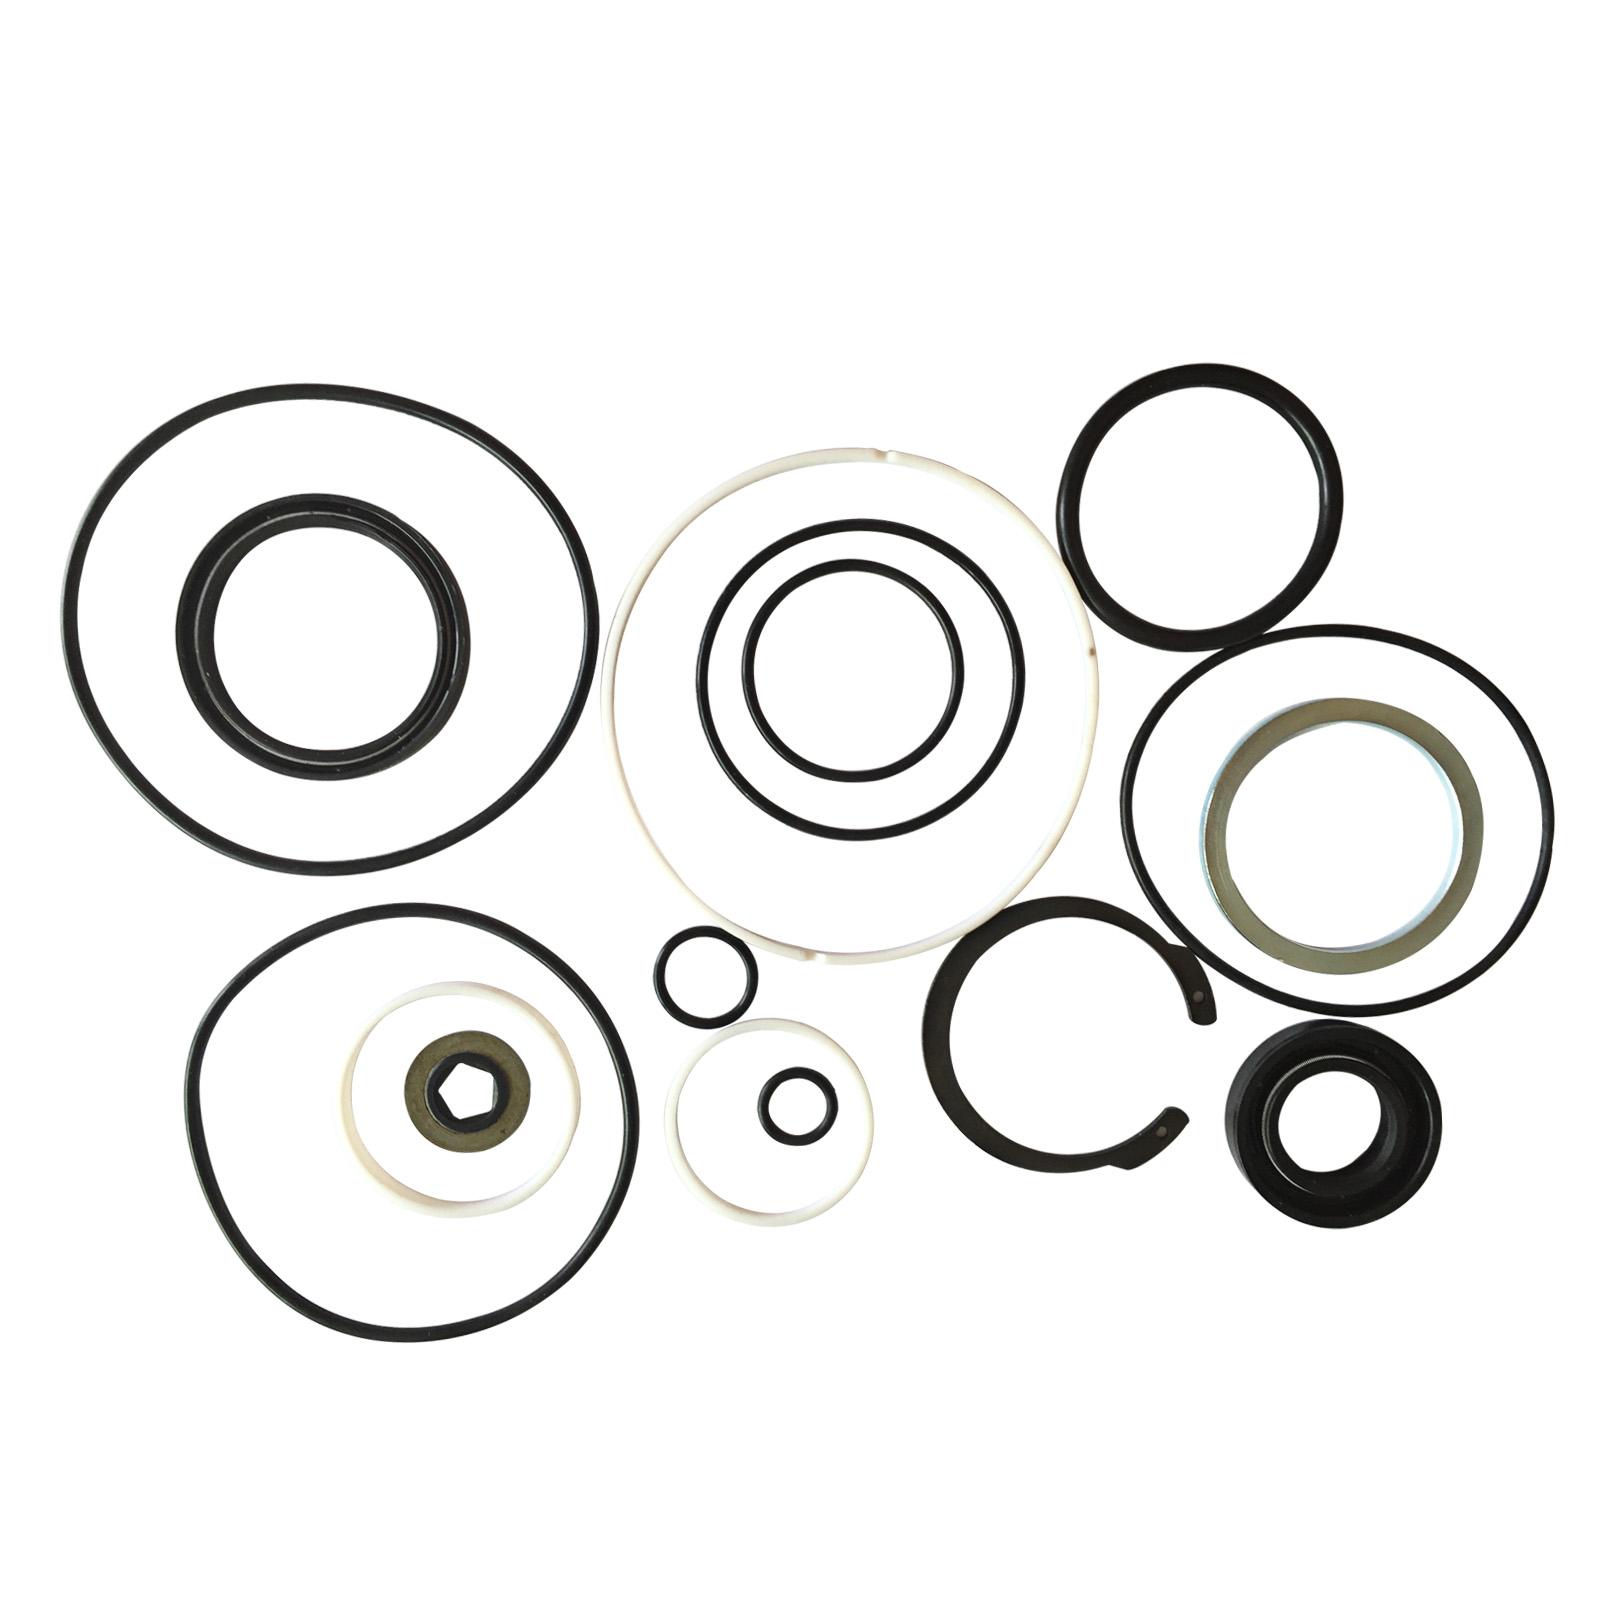 Power Steering Box Seal Kit Fit For Toyota Landcruiser 100